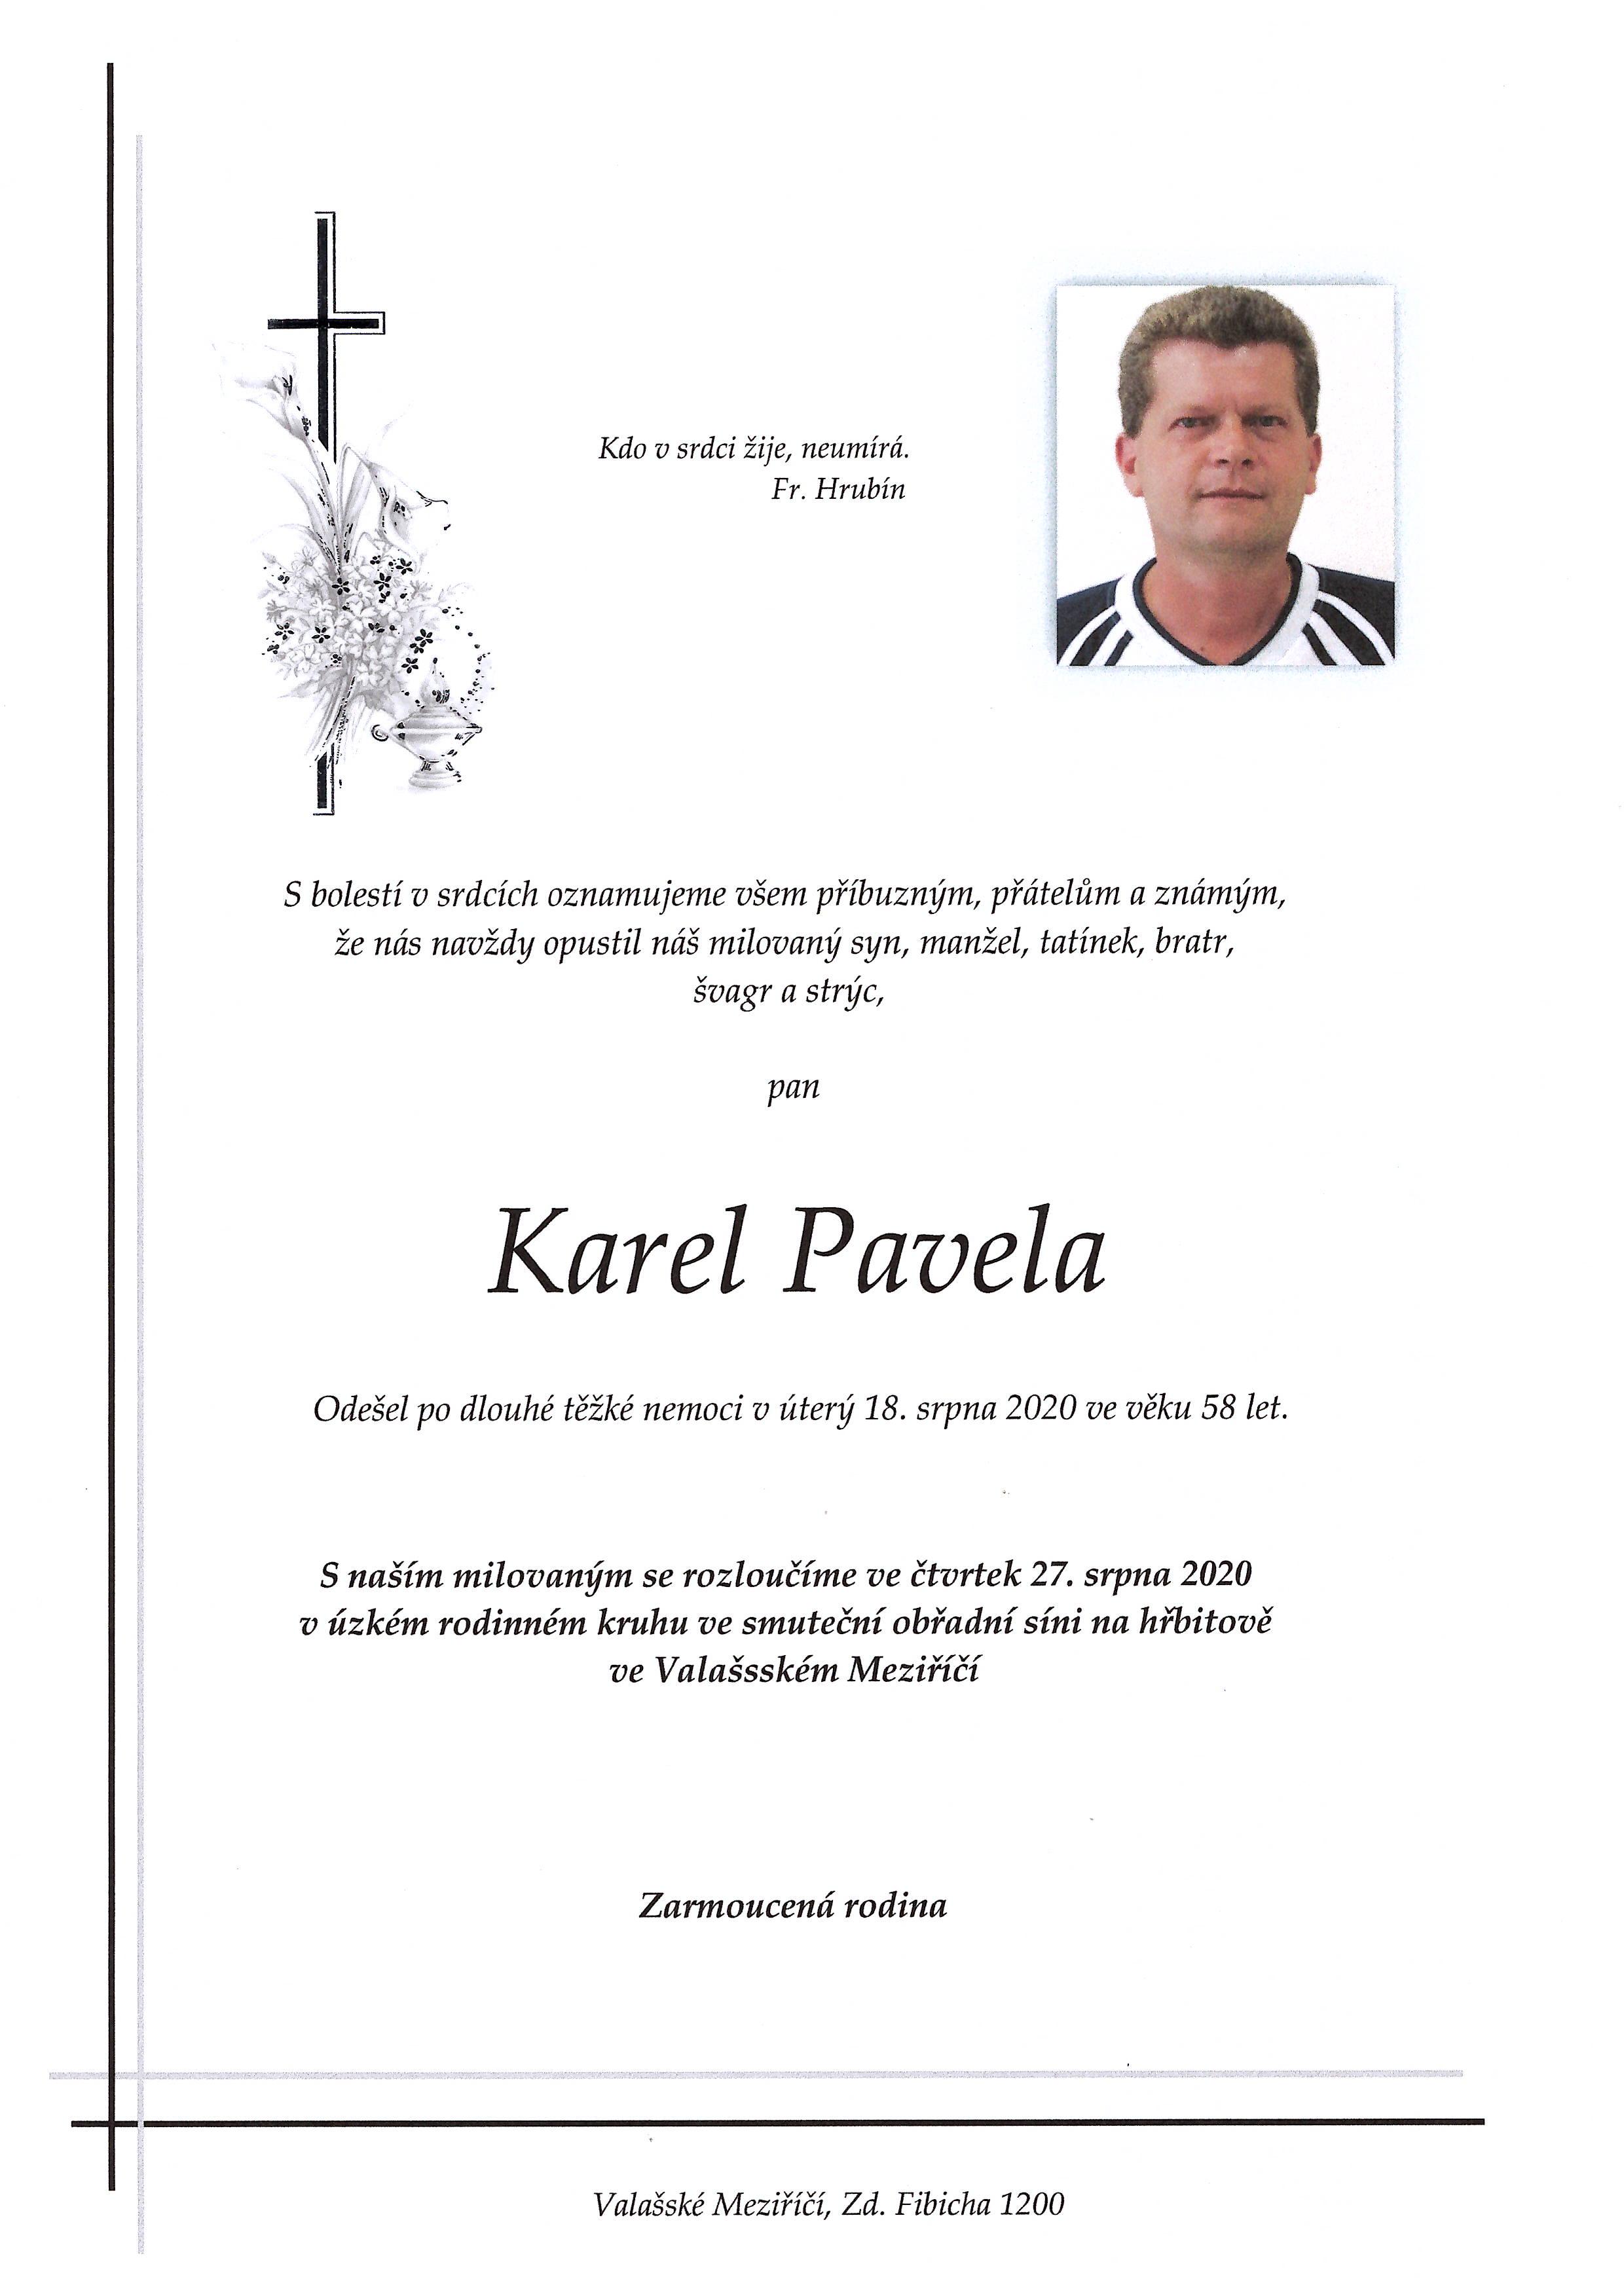 Karel Pavela